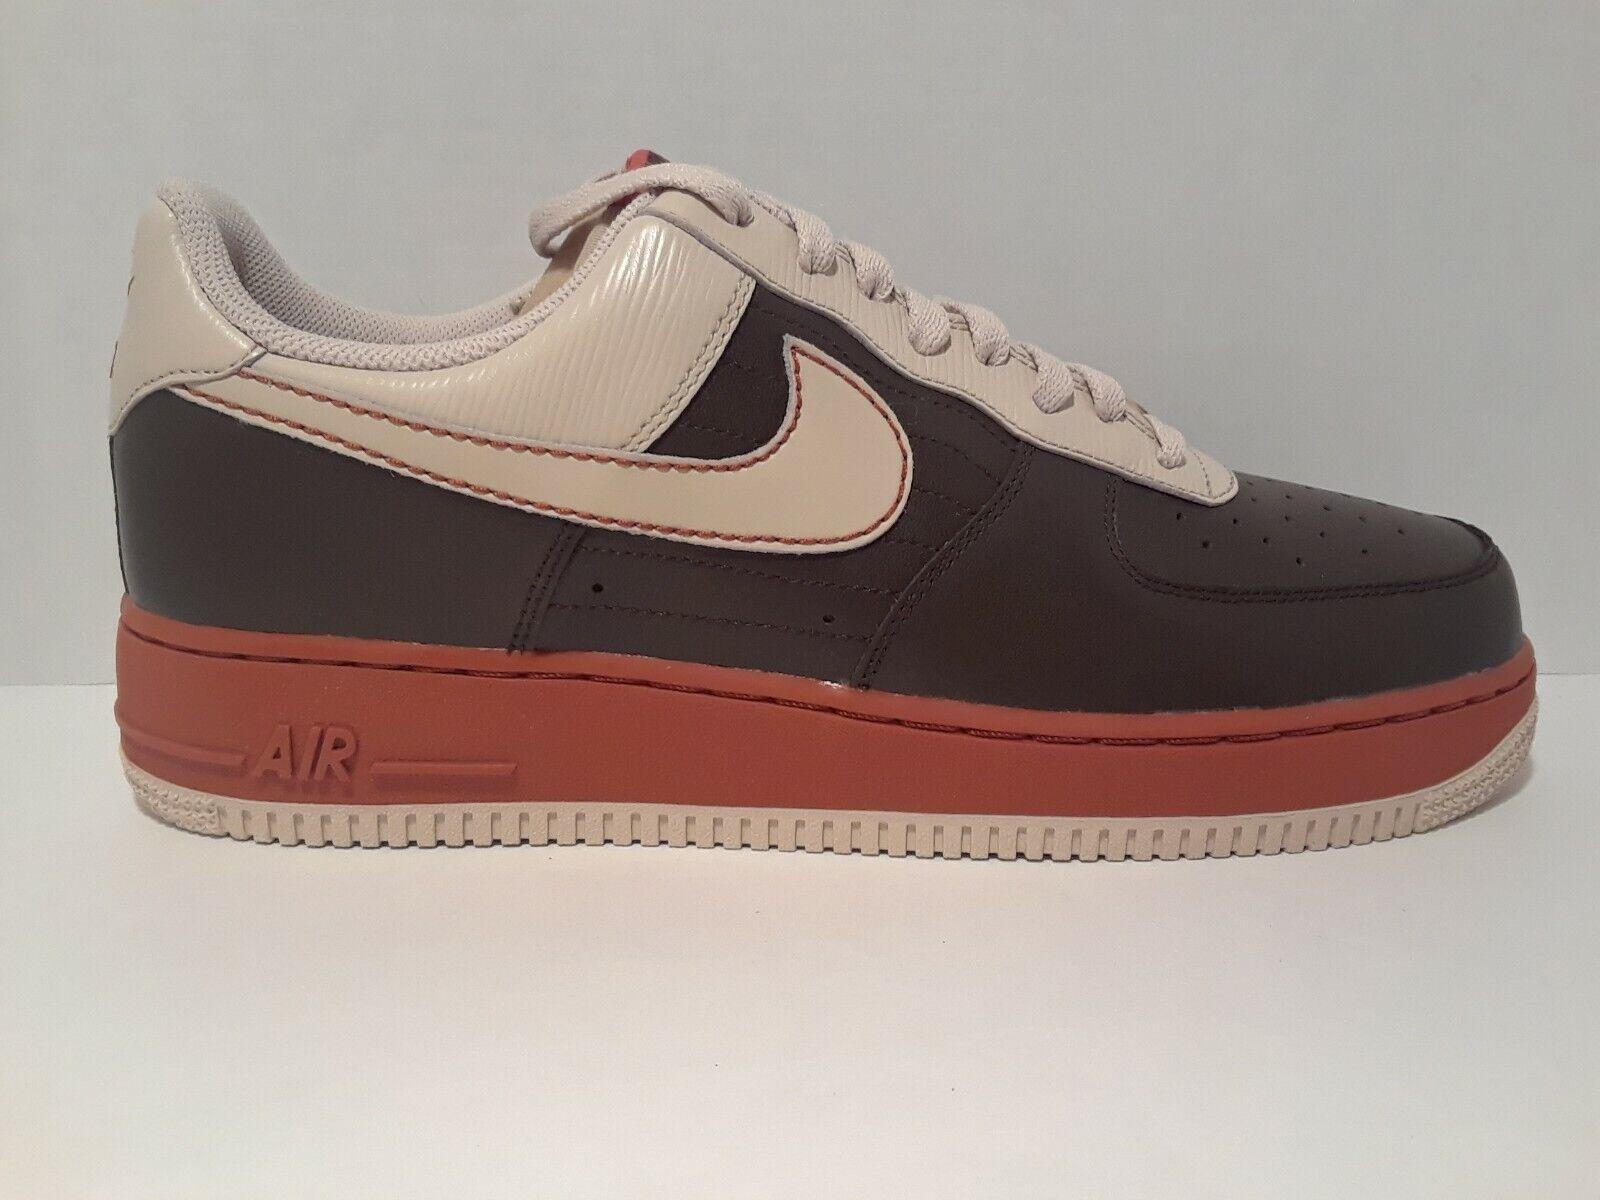 Nike Air Force 1 Mens  07 Cinder Brown Sanddrift orange  Bege  315115  211 New